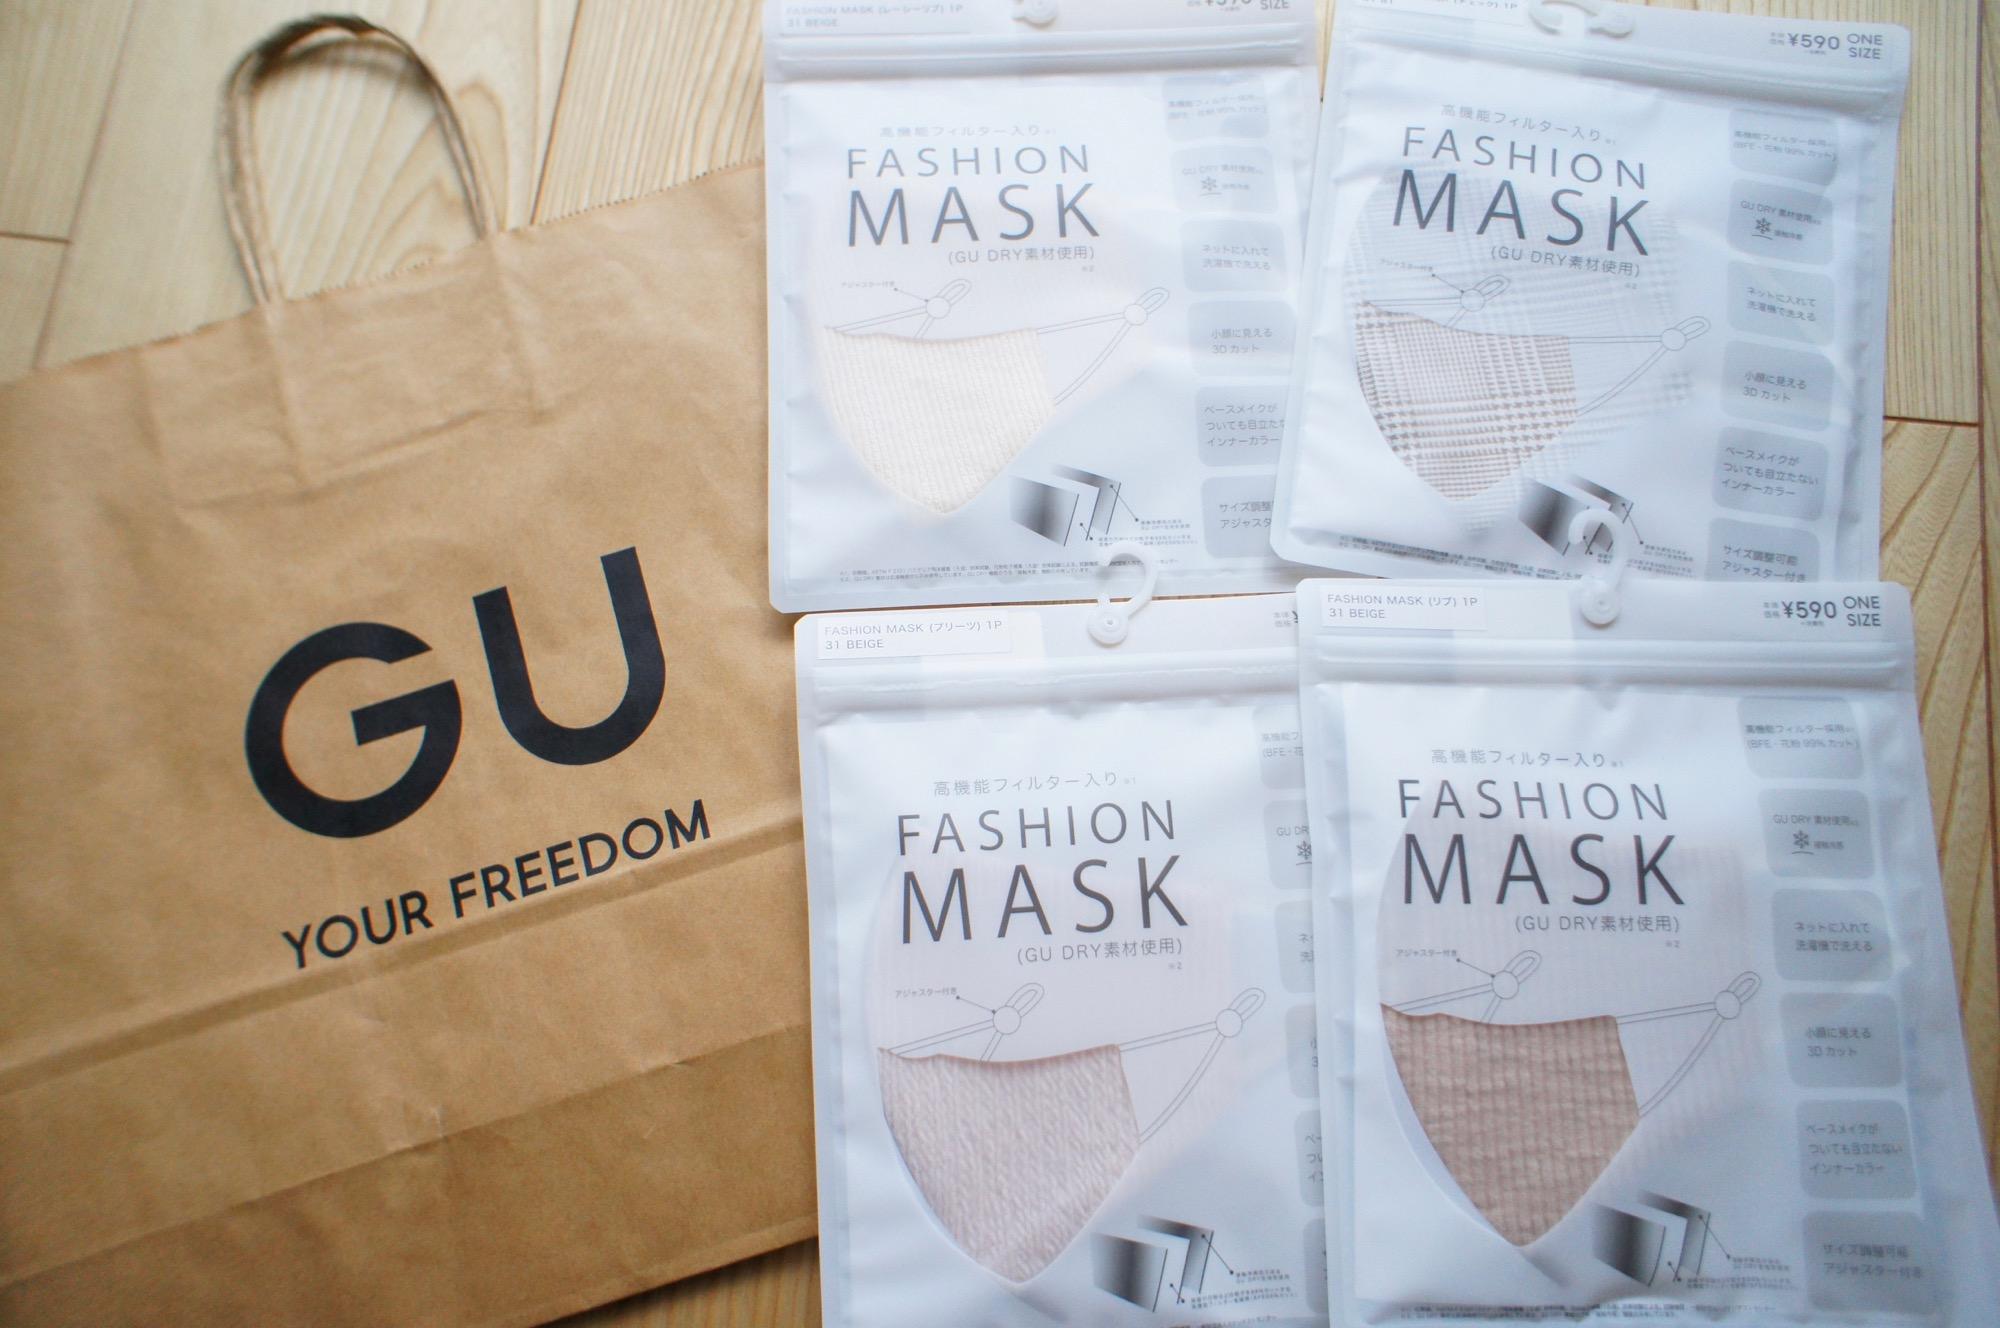 《プチプラでおしゃれ❤️》【GU】FASHION MASK(ファッションマスク)4種類をレビュー☝︎!_1